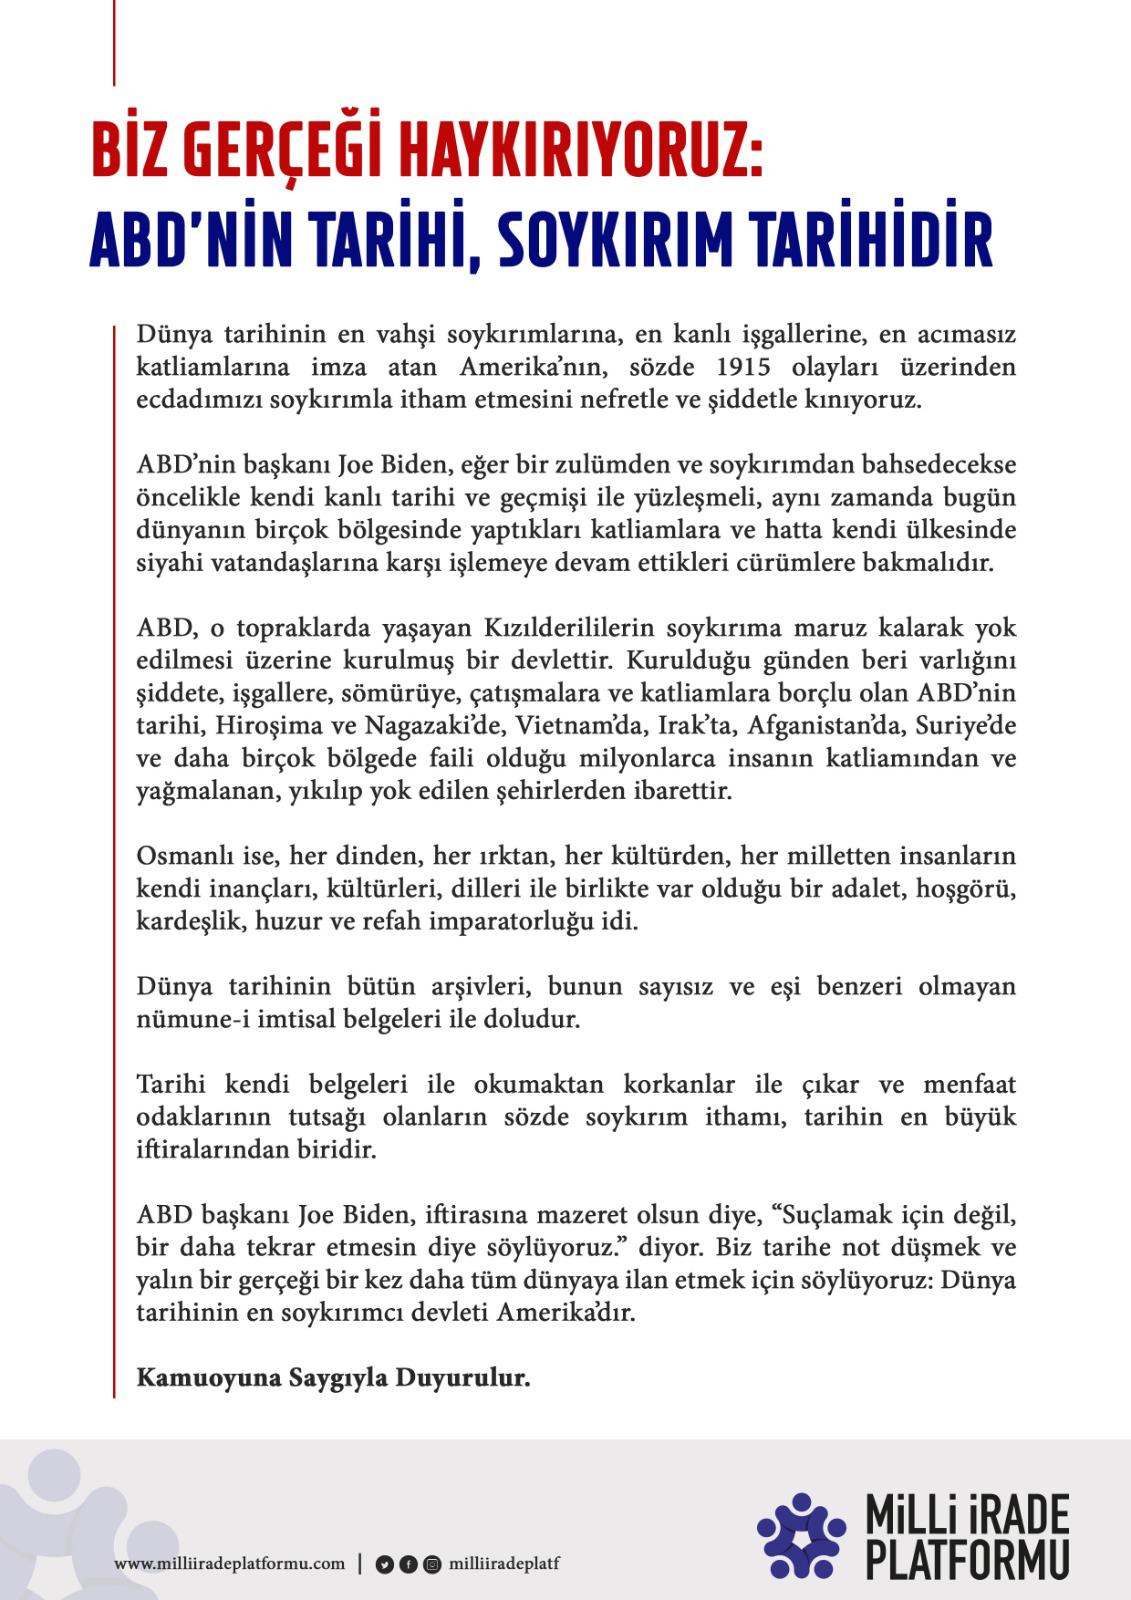 abdsoykirim1